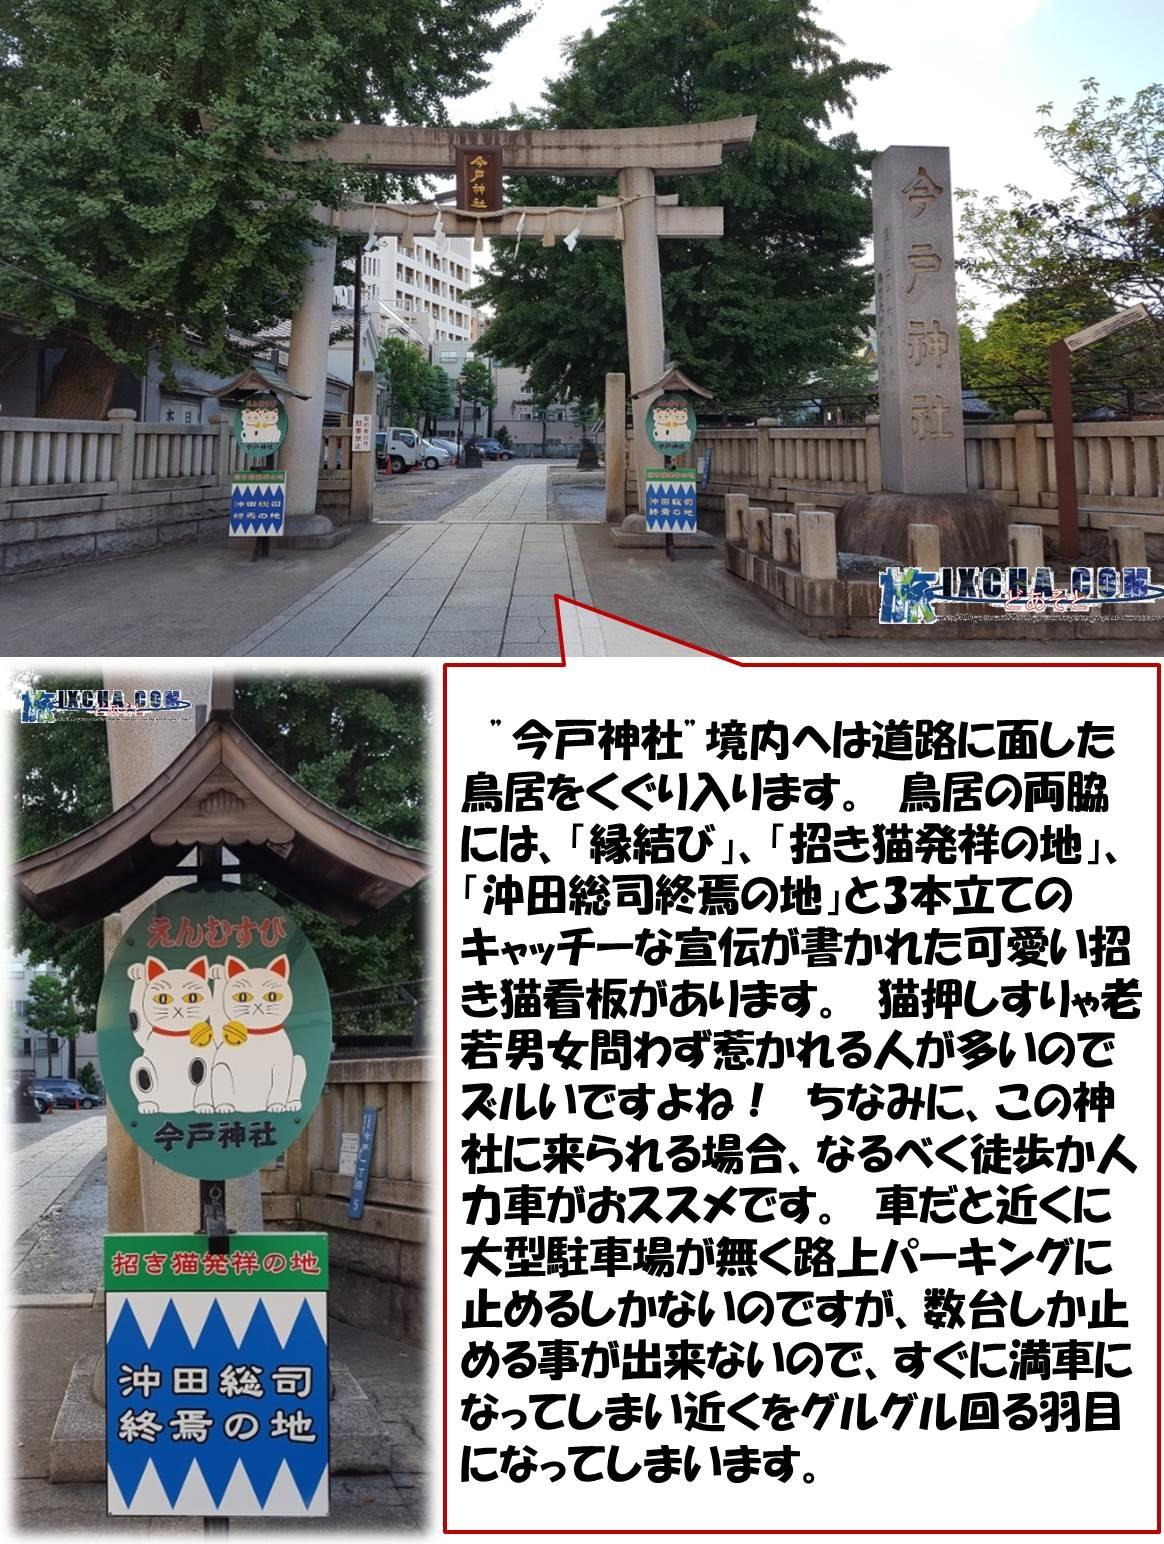 """""""今戸神社""""境内へは道路に面した鳥居をくぐり入ります。 鳥居の両脇には、「縁結び」、「招き猫発祥の地」、「沖田総司終焉の地」と3本立てのキャッチーな宣伝が書かれた可愛い招き猫看板があります。 猫押しすりゃ老若男女問わず惹かれる人が多いのでズルいですよね! ちなみに、この神社に来られる場合、なるべく徒歩か人力車がおススメです。 車だと近くに大型駐車場が無く路上パーキングに止めるしかないのですが、数台しか止める事が出来ないので、すぐに満車になってしまい近くをグルグル回る羽目になってしまいます。"""